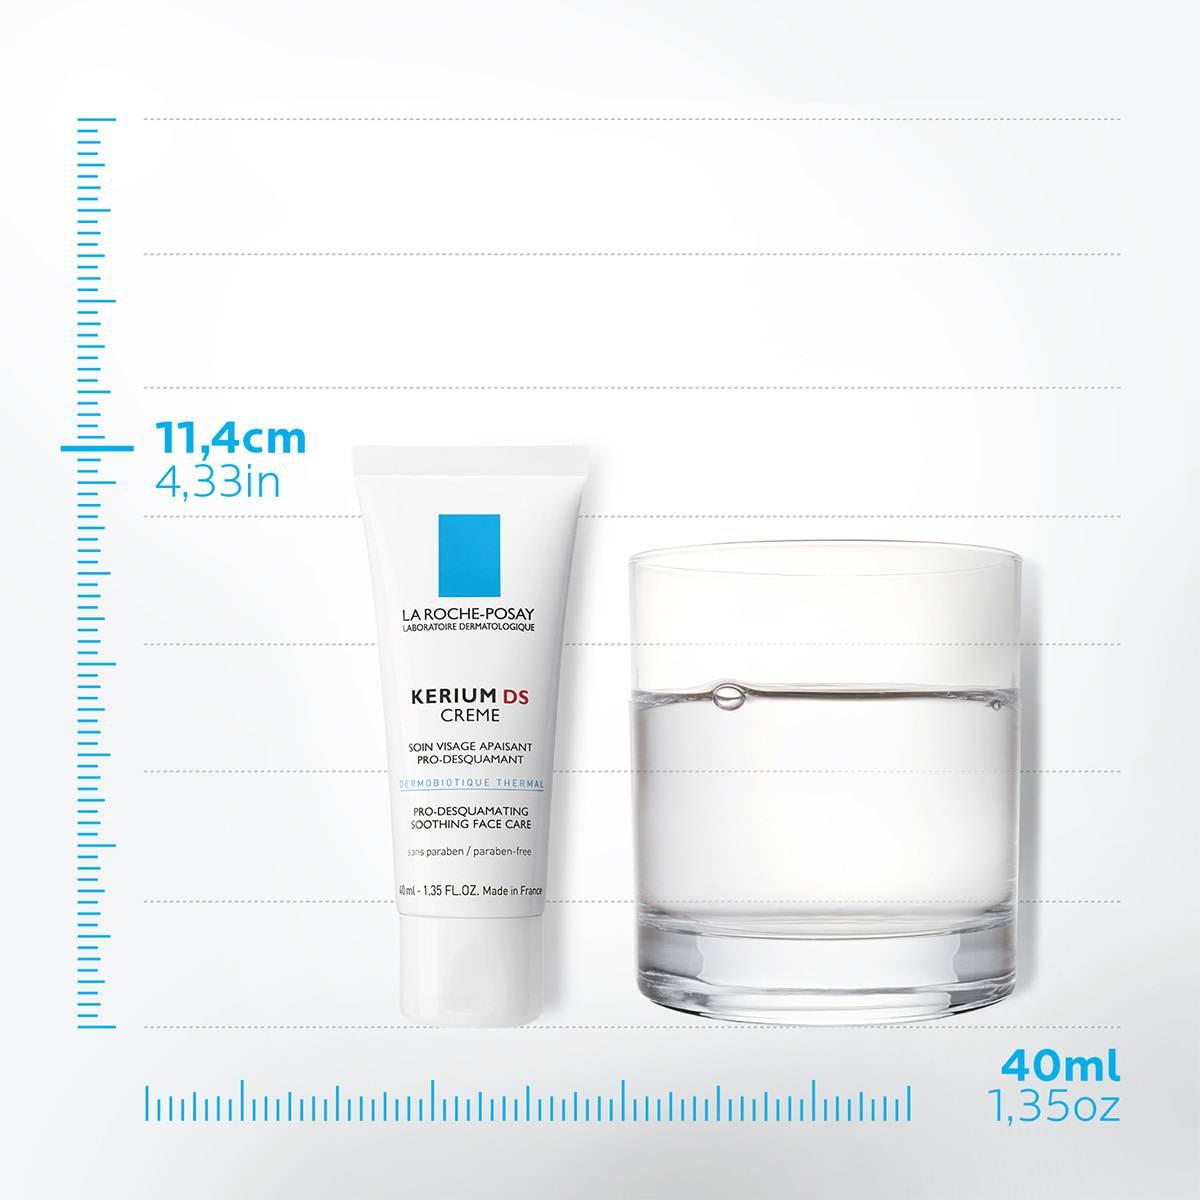 La Roche Posay Tuotesivu Kerium DS Face Cream 40ml 3337872411793